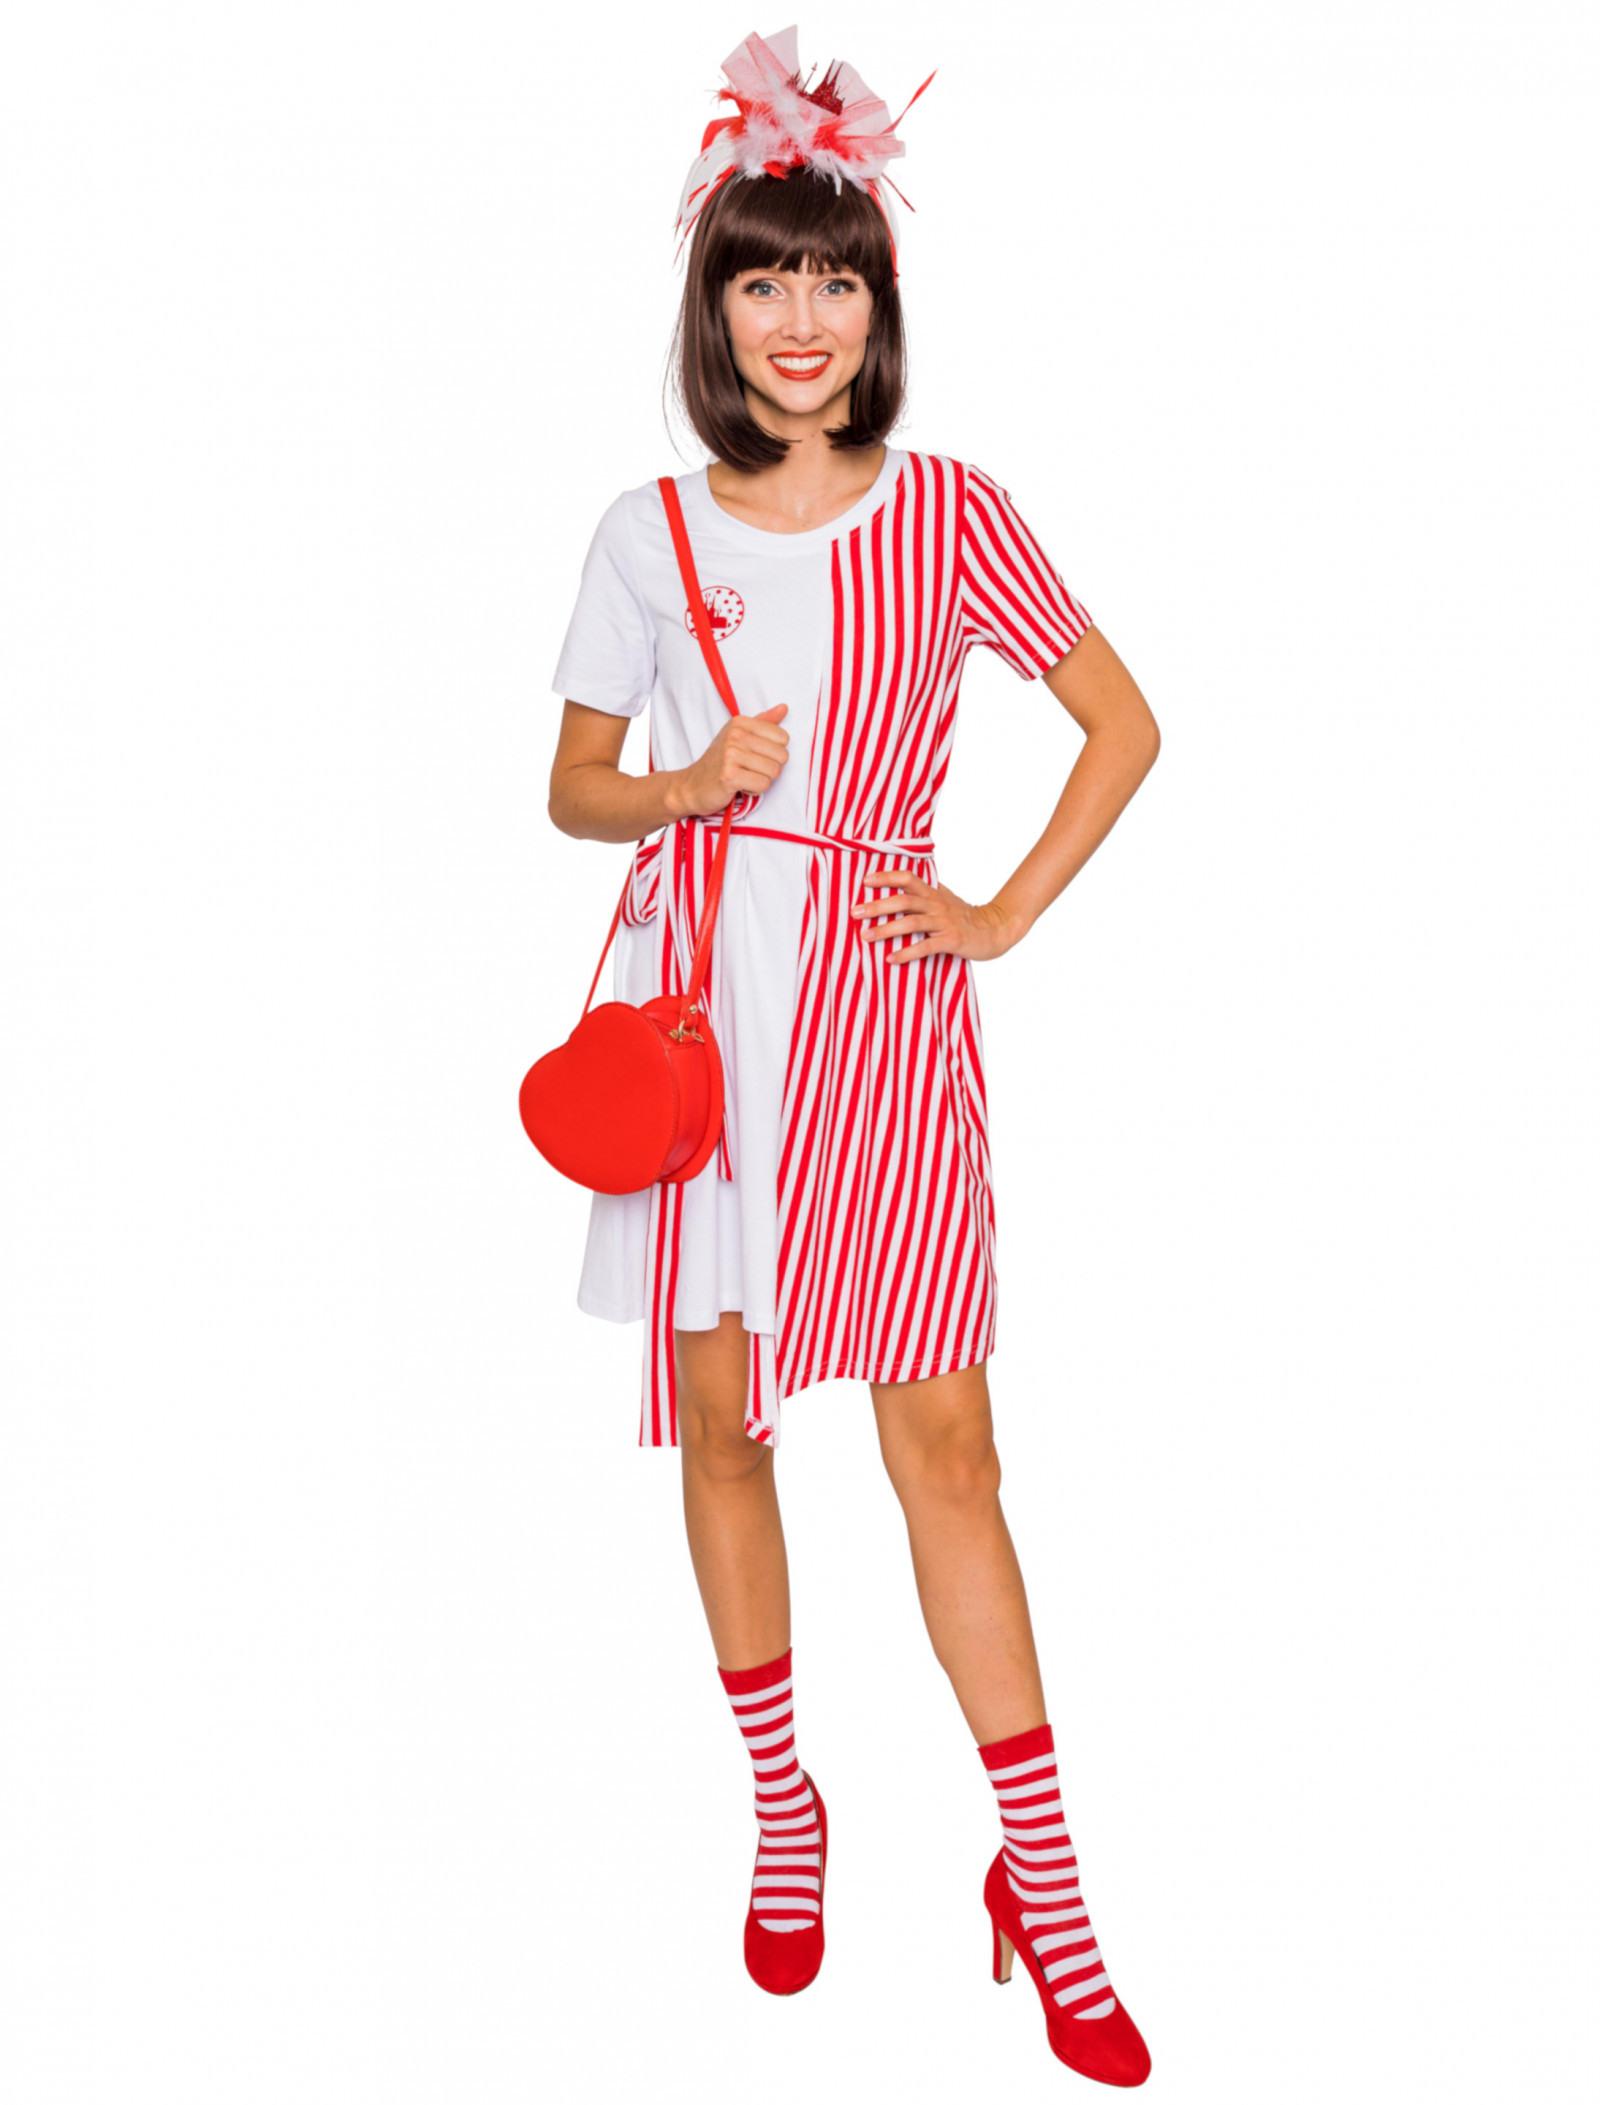 Formal Wunderbar Kleid Gestreift Vertrieb15 Genial Kleid Gestreift Bester Preis